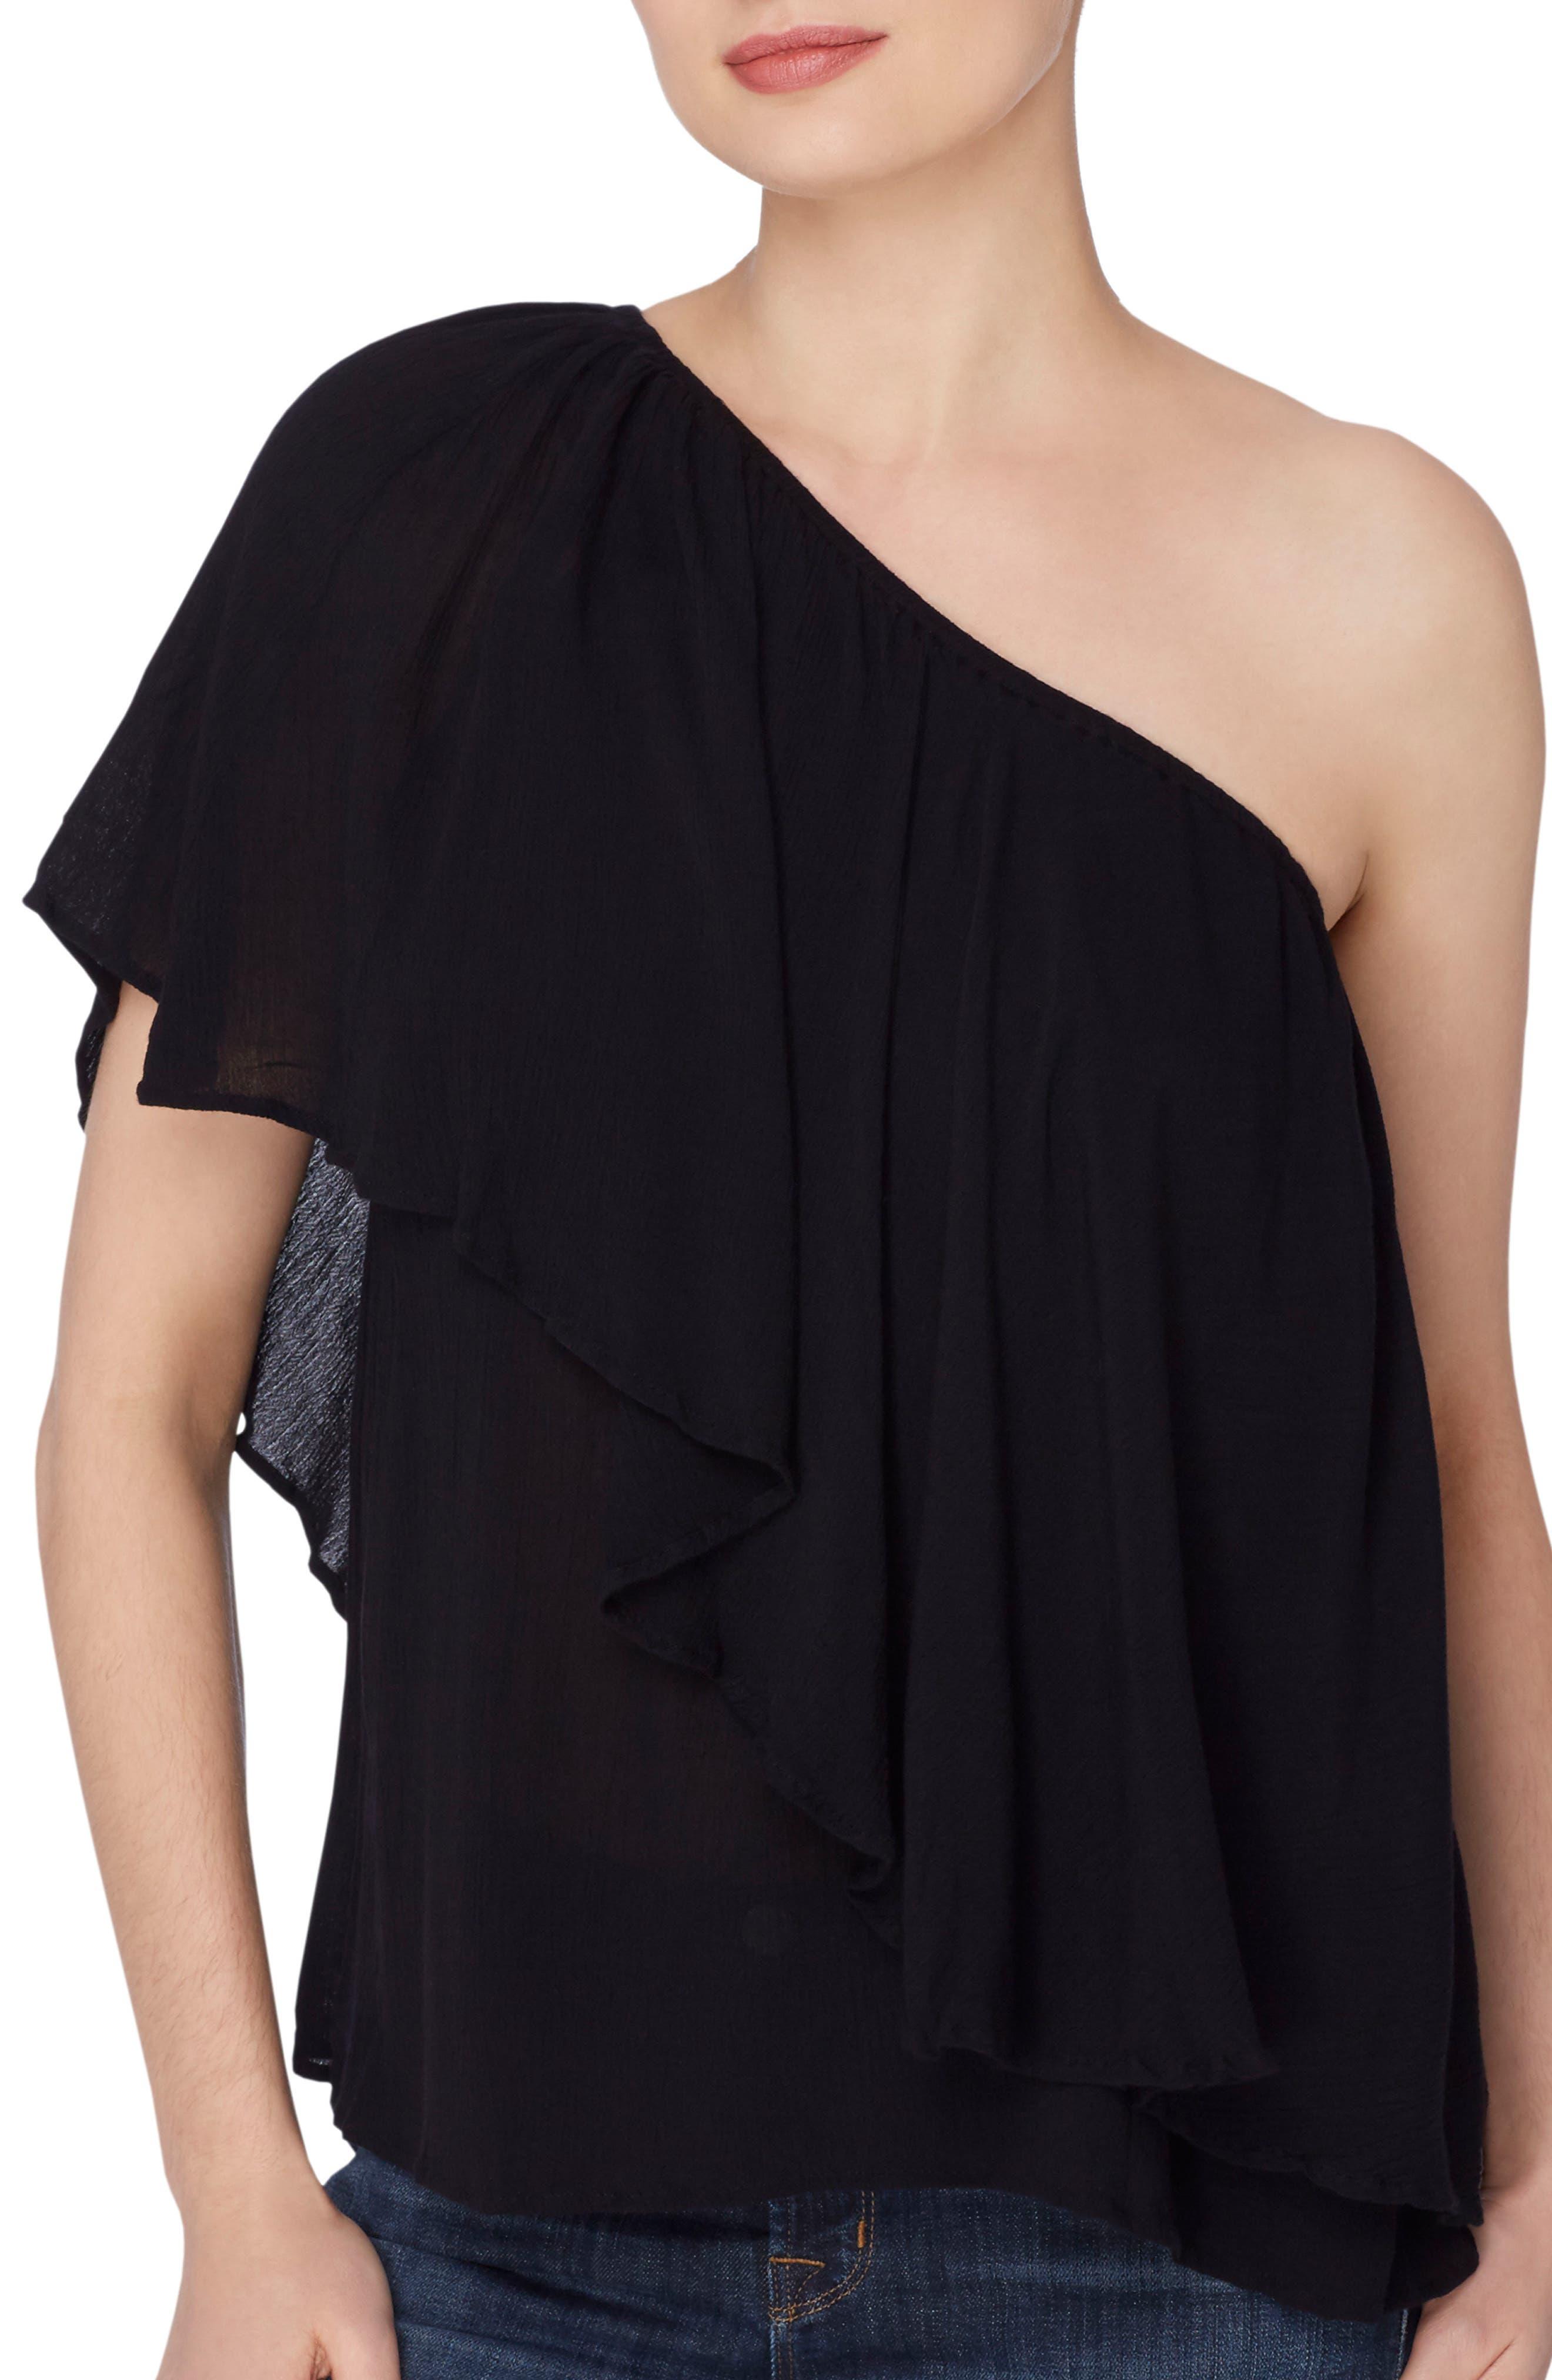 Magritte One-Shoulder Top,                         Main,                         color, Black